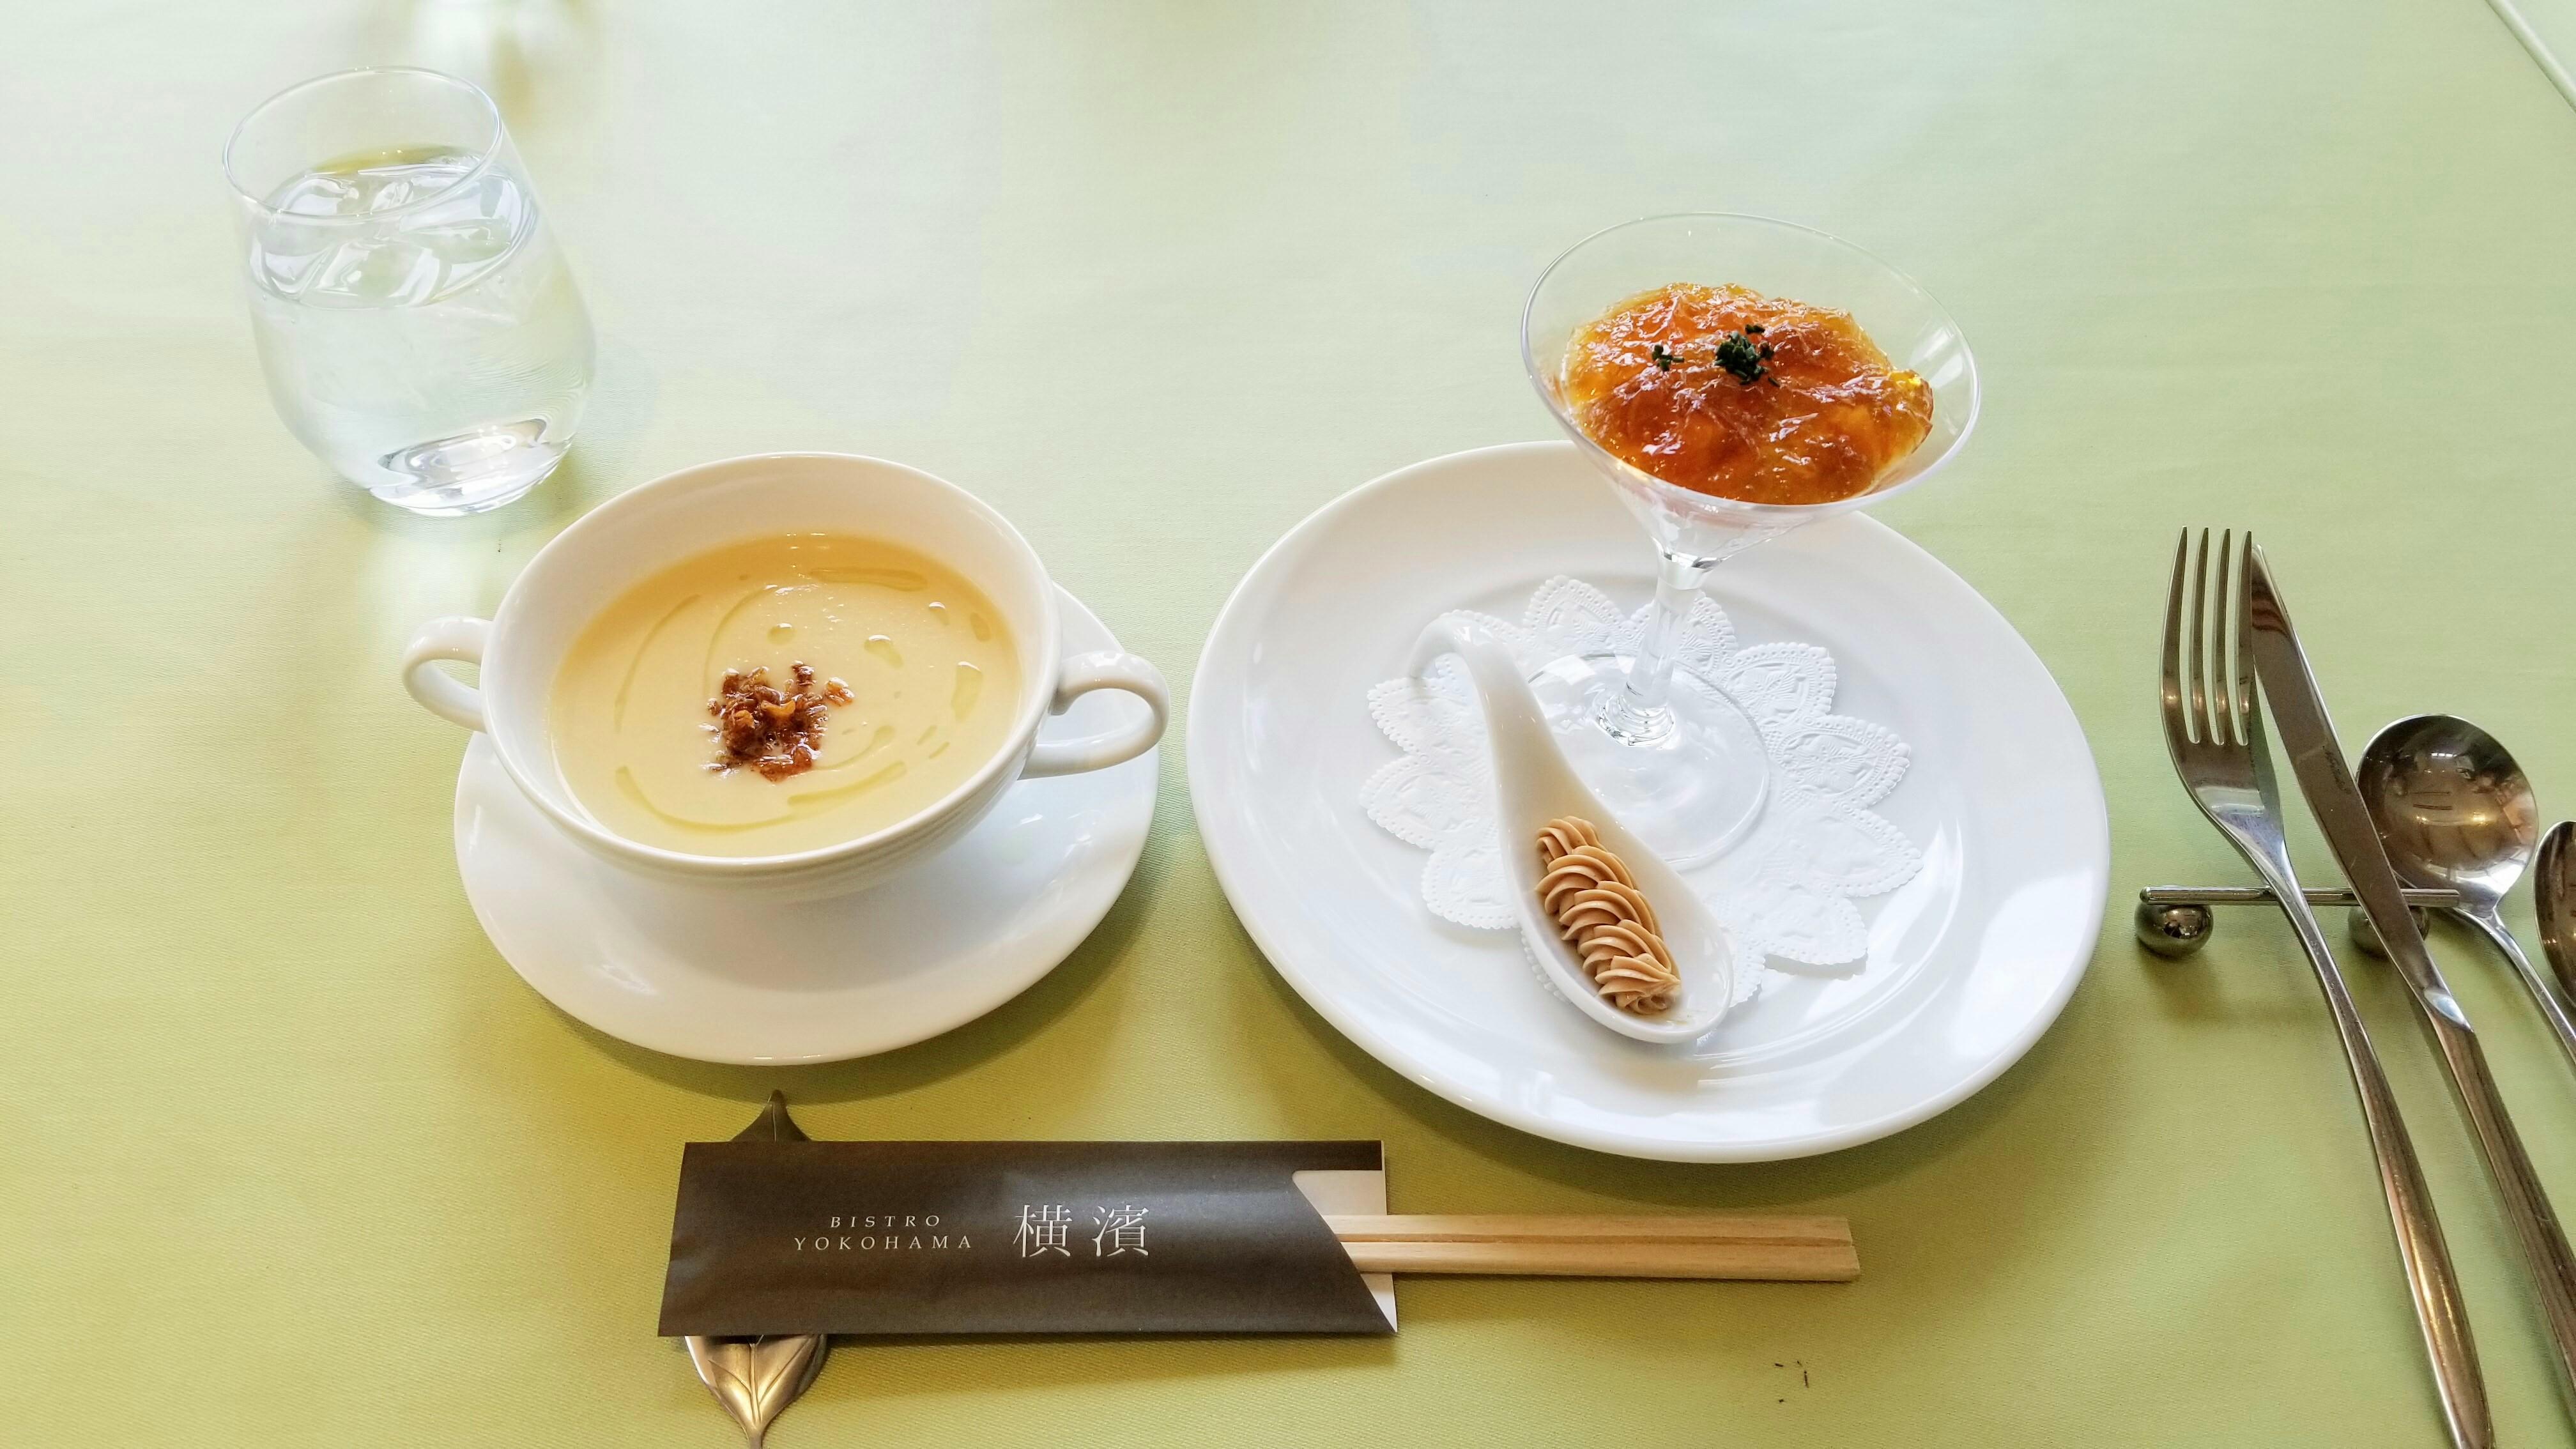 愛媛県松山市フランス料理おいしい安いお手頃横濱おすすめランチ